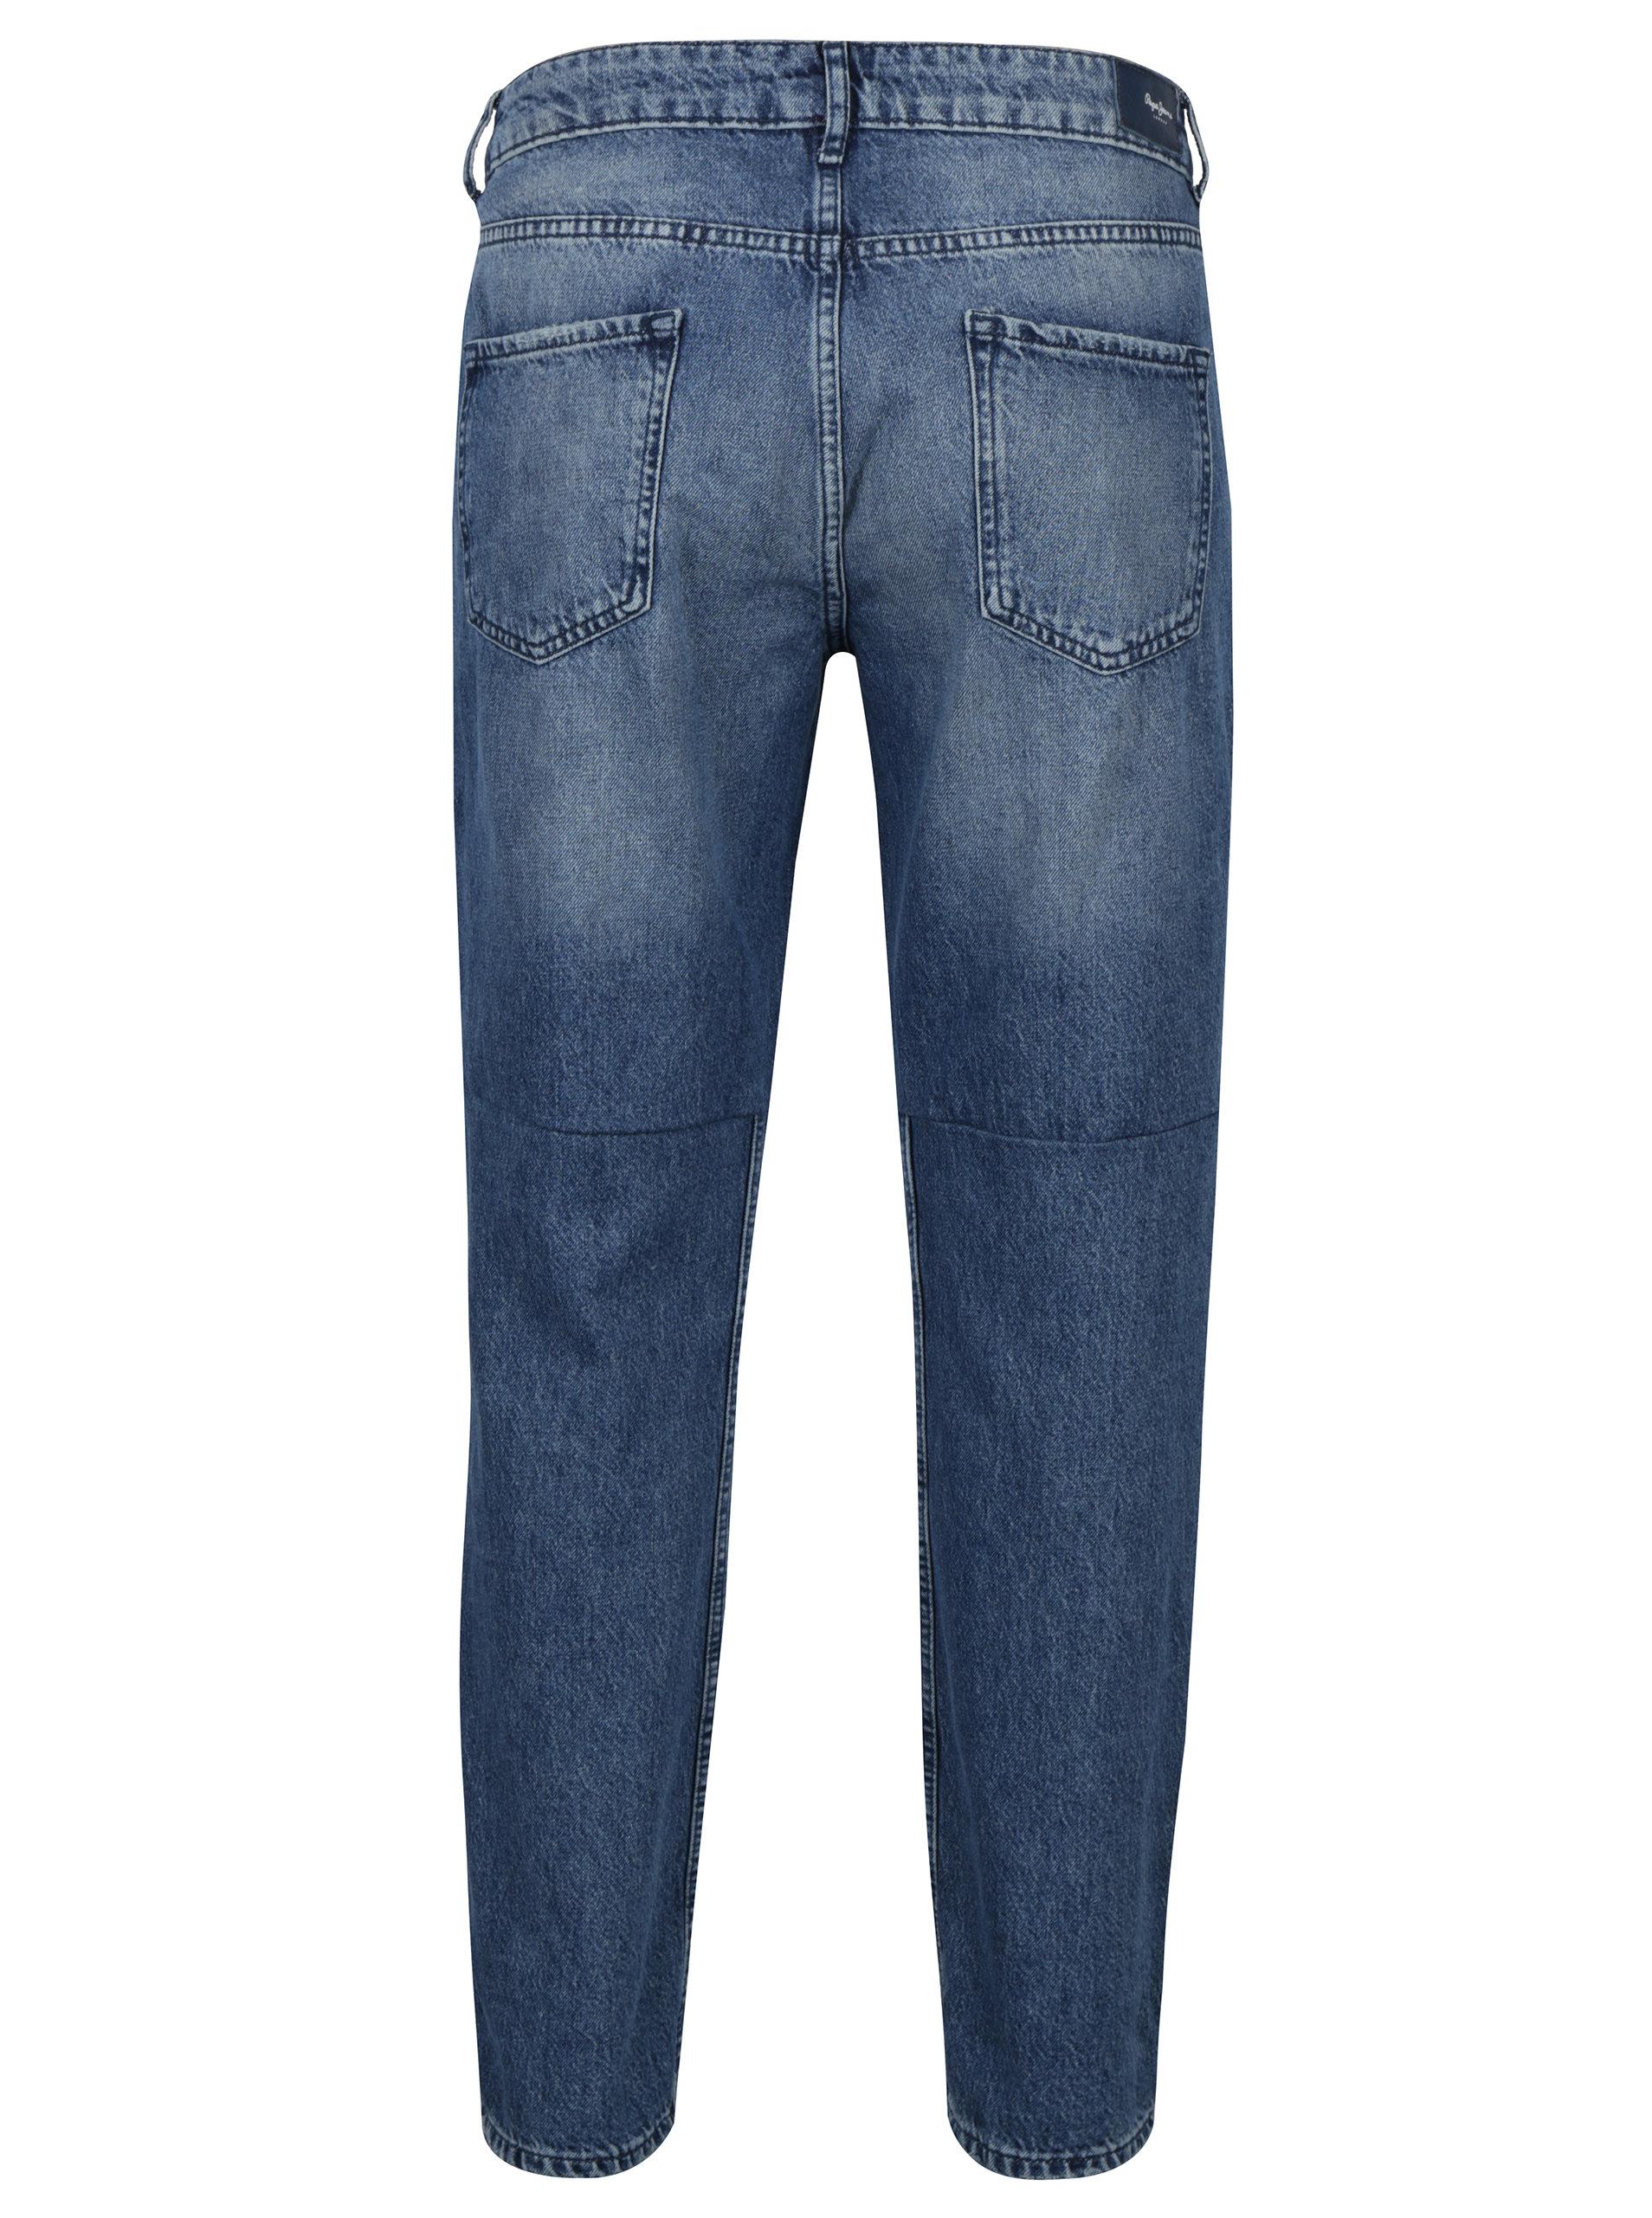 Modré dámské mom džíny s vysokým pasem Pepe Jeans Violet Twist ... 304a12f21c